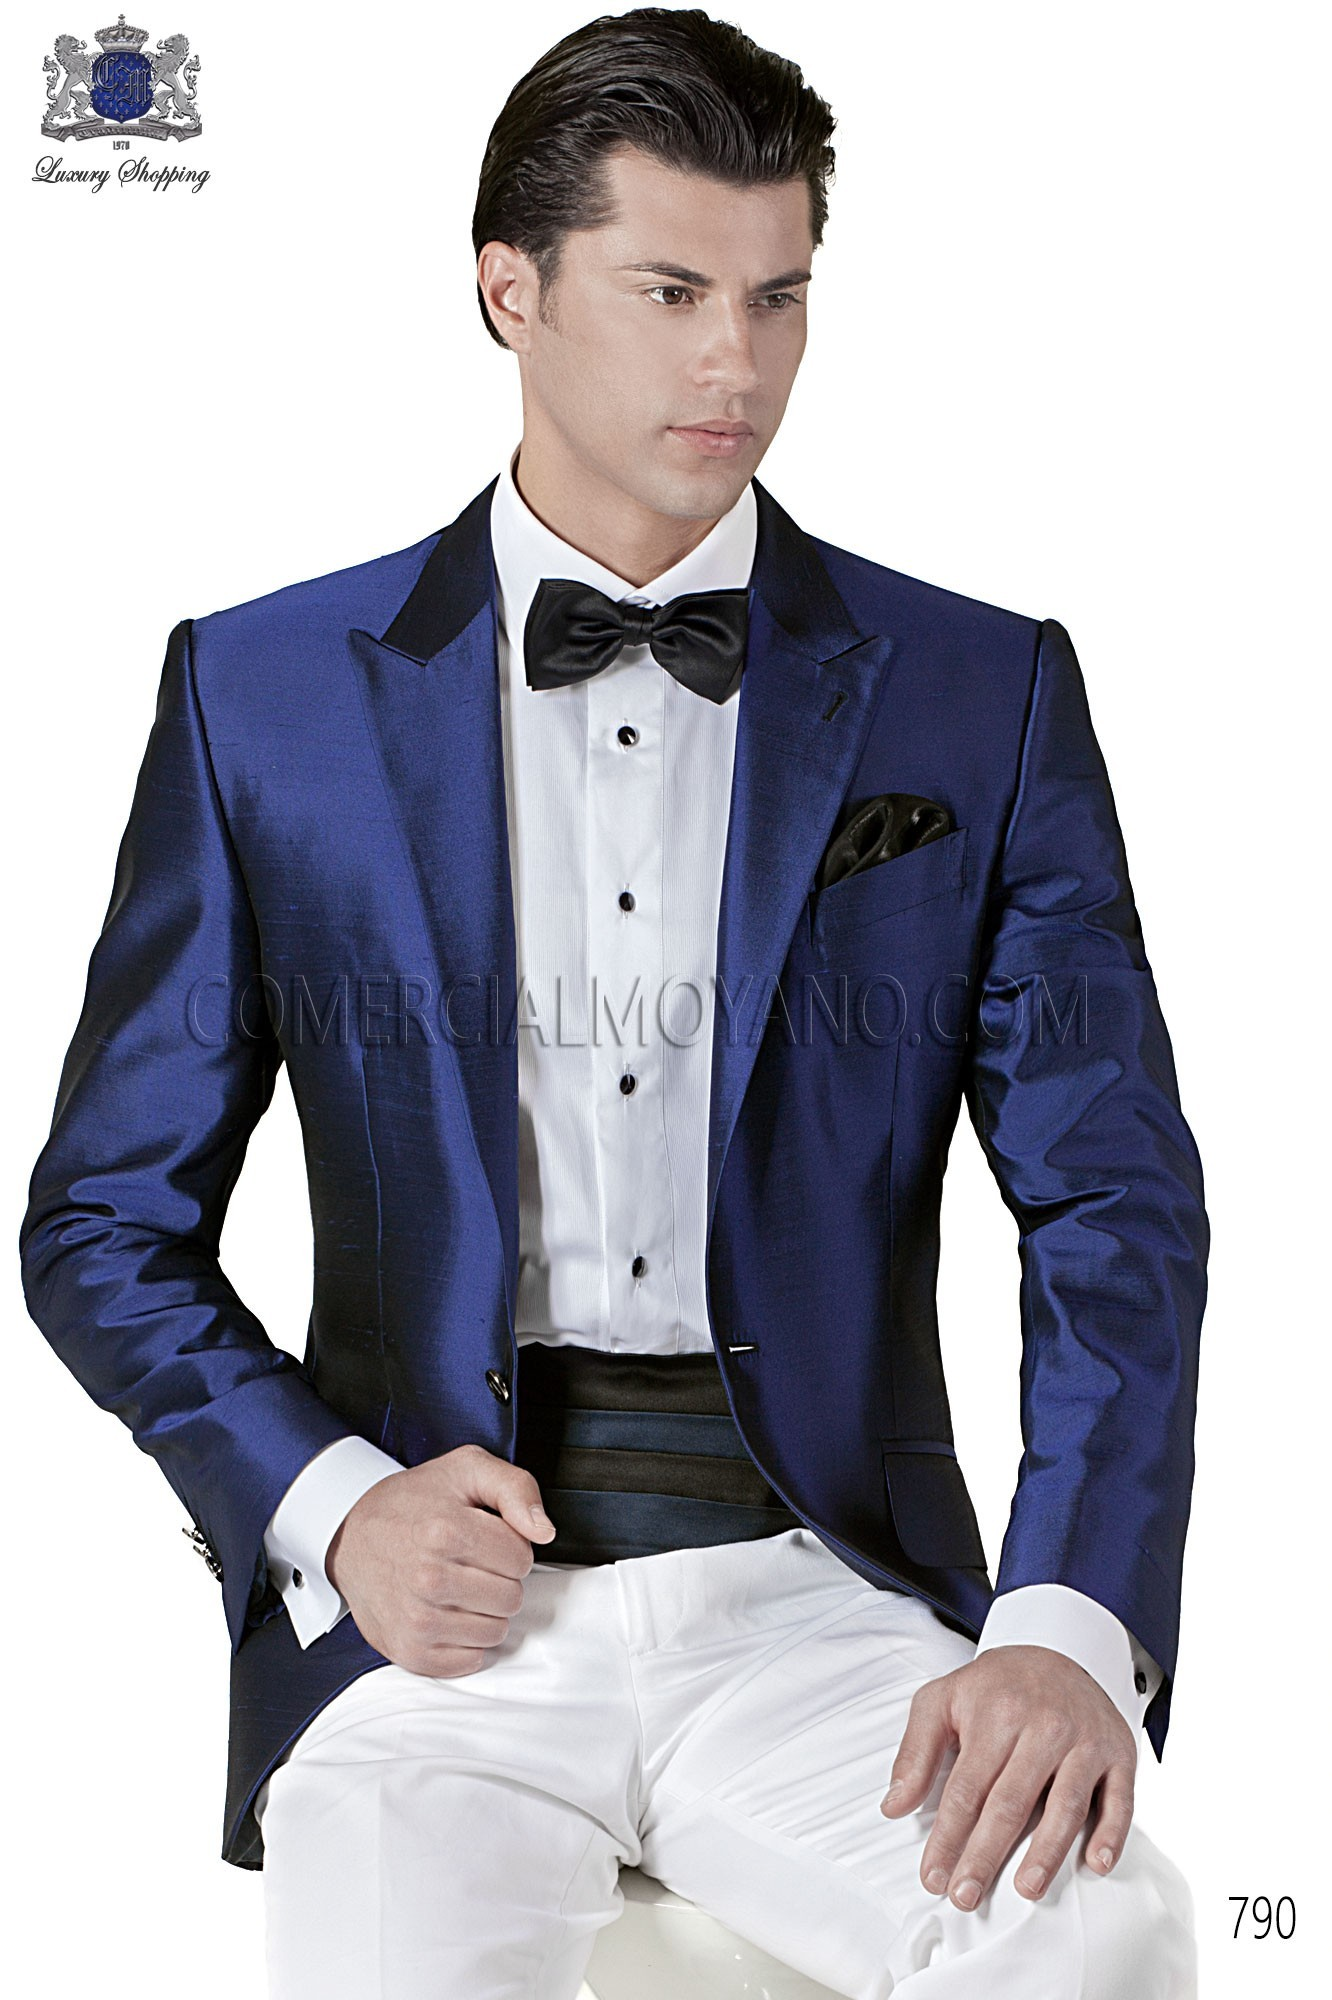 Traje de fiesta hombre azul modelo: 790 Ottavio Nuccio Gala colección Black Tie 2017